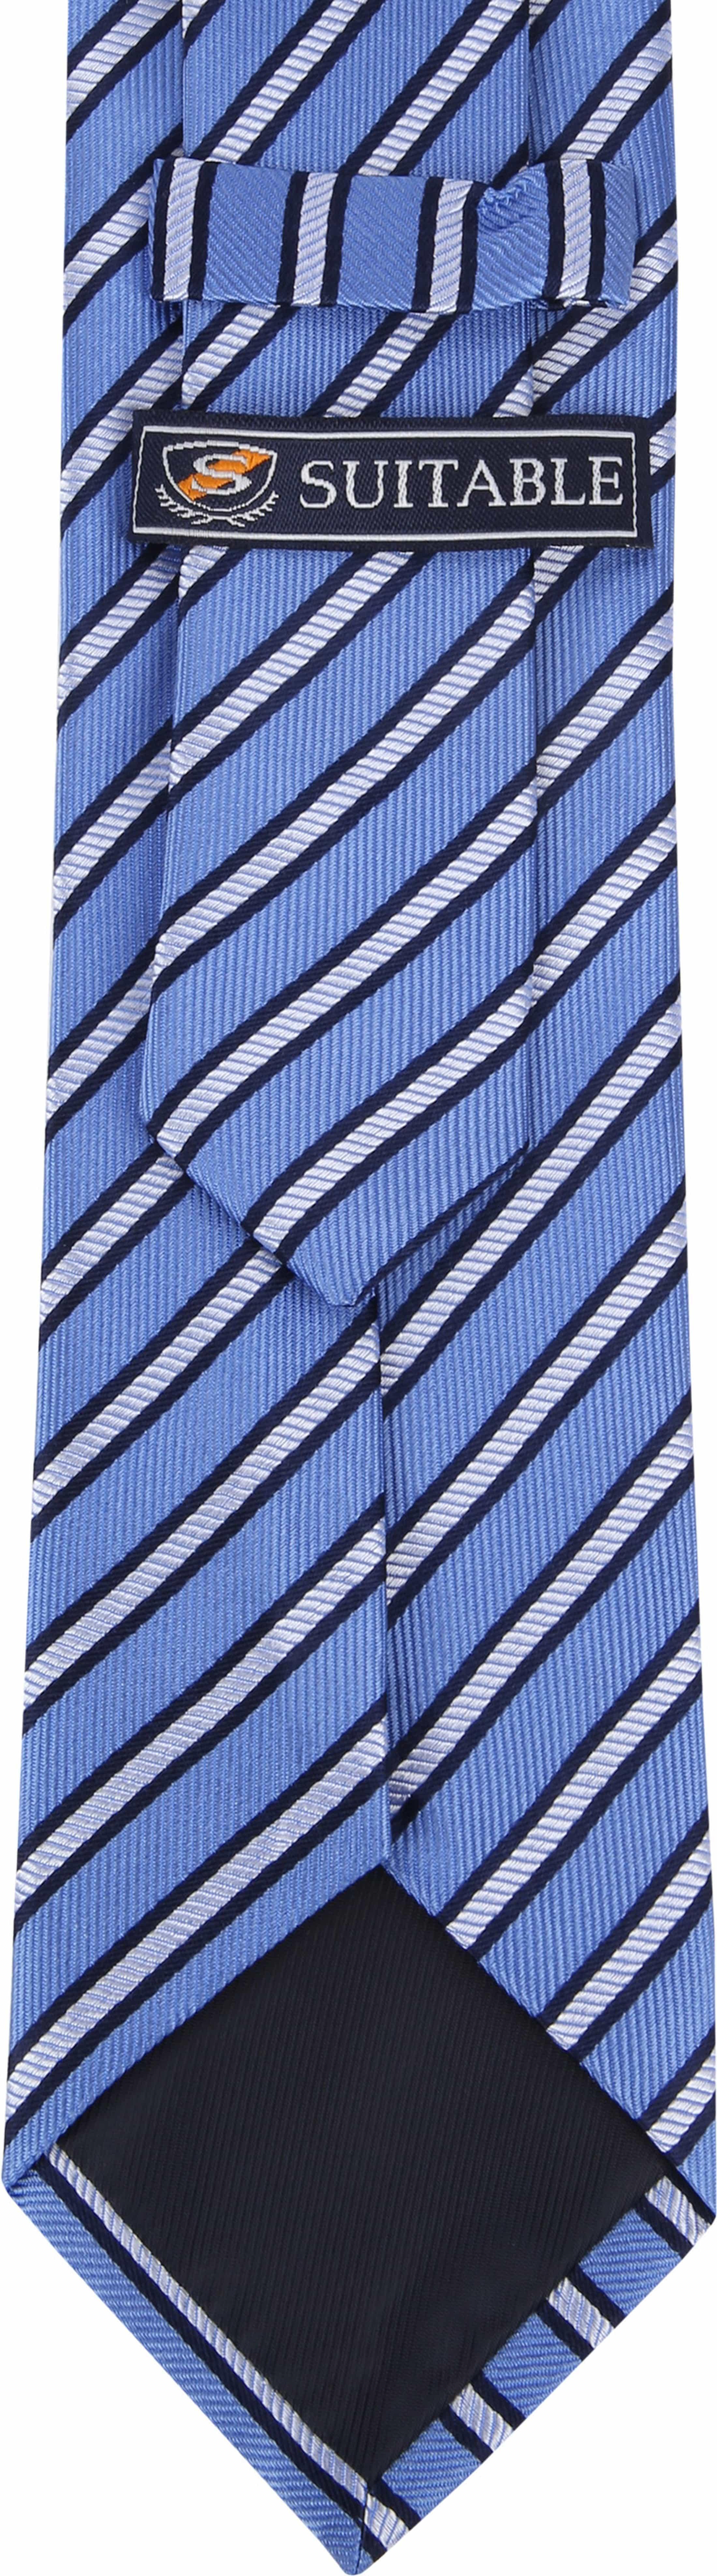 Suitable Stropdas Zijde Streep Blauw foto 2